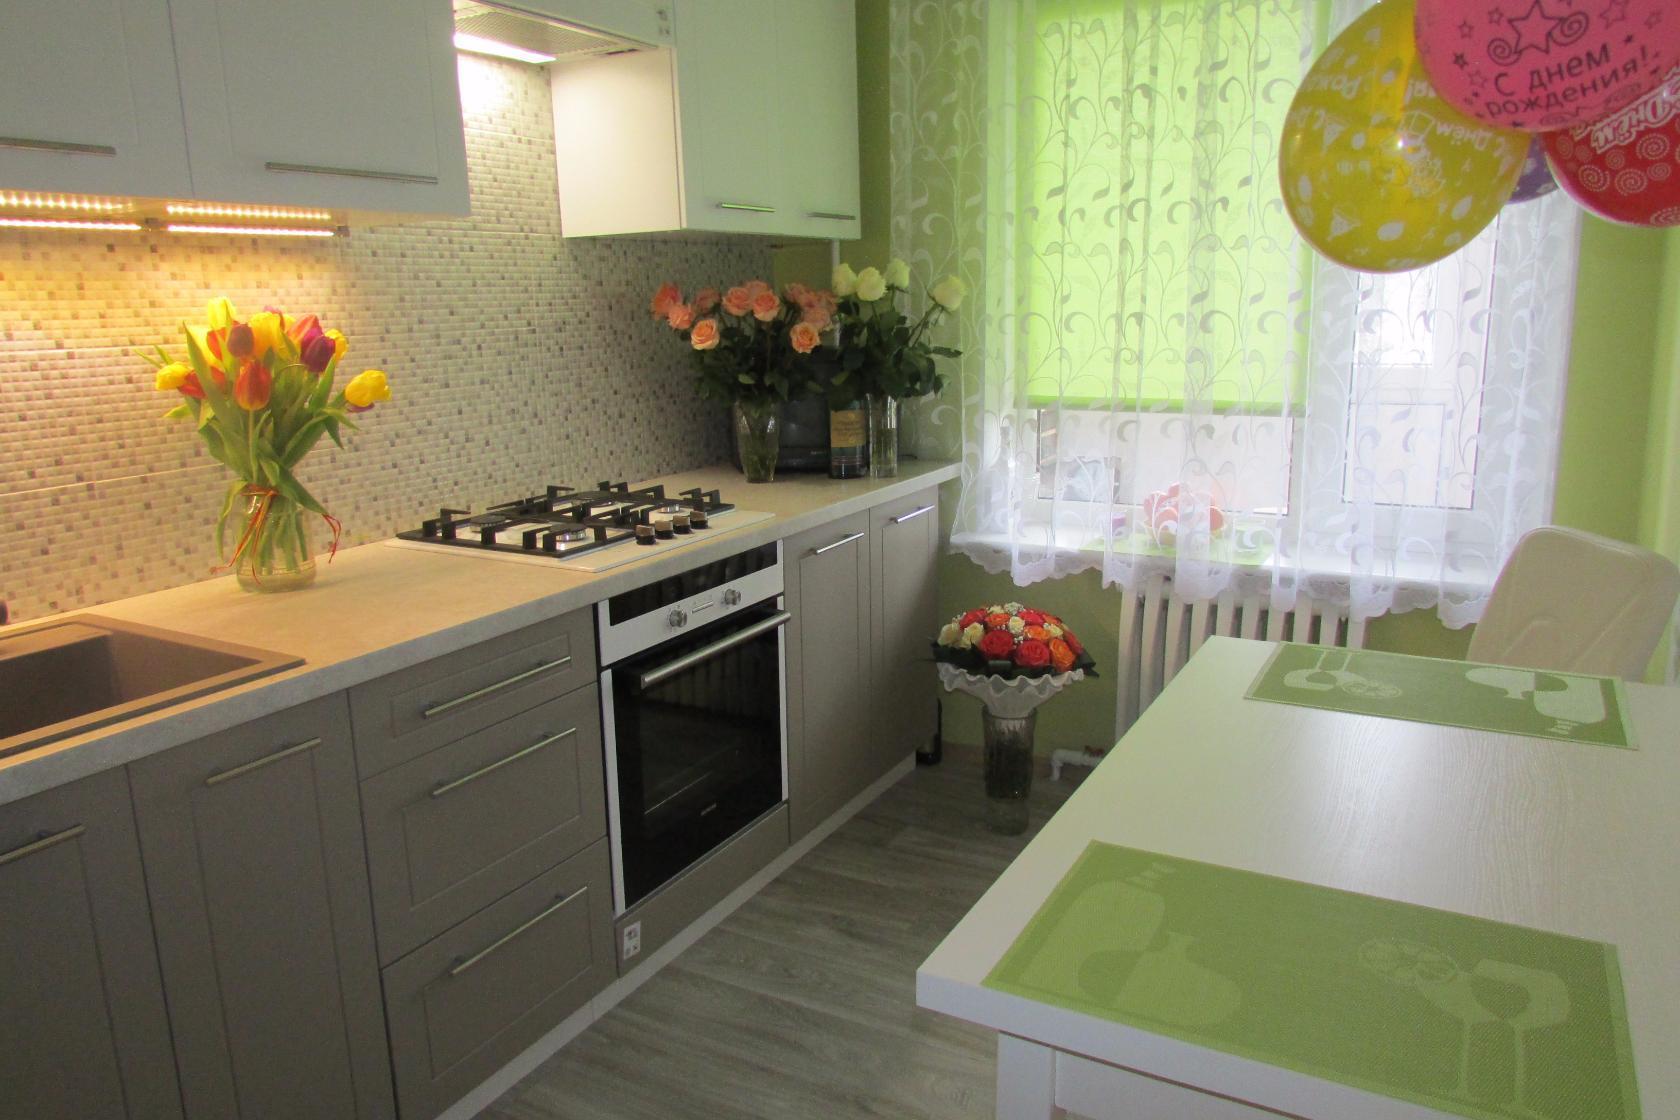 Кухня фисташкового цвета: плюсы и минусы, сочетания цвета, выбор стиля, фото примеры